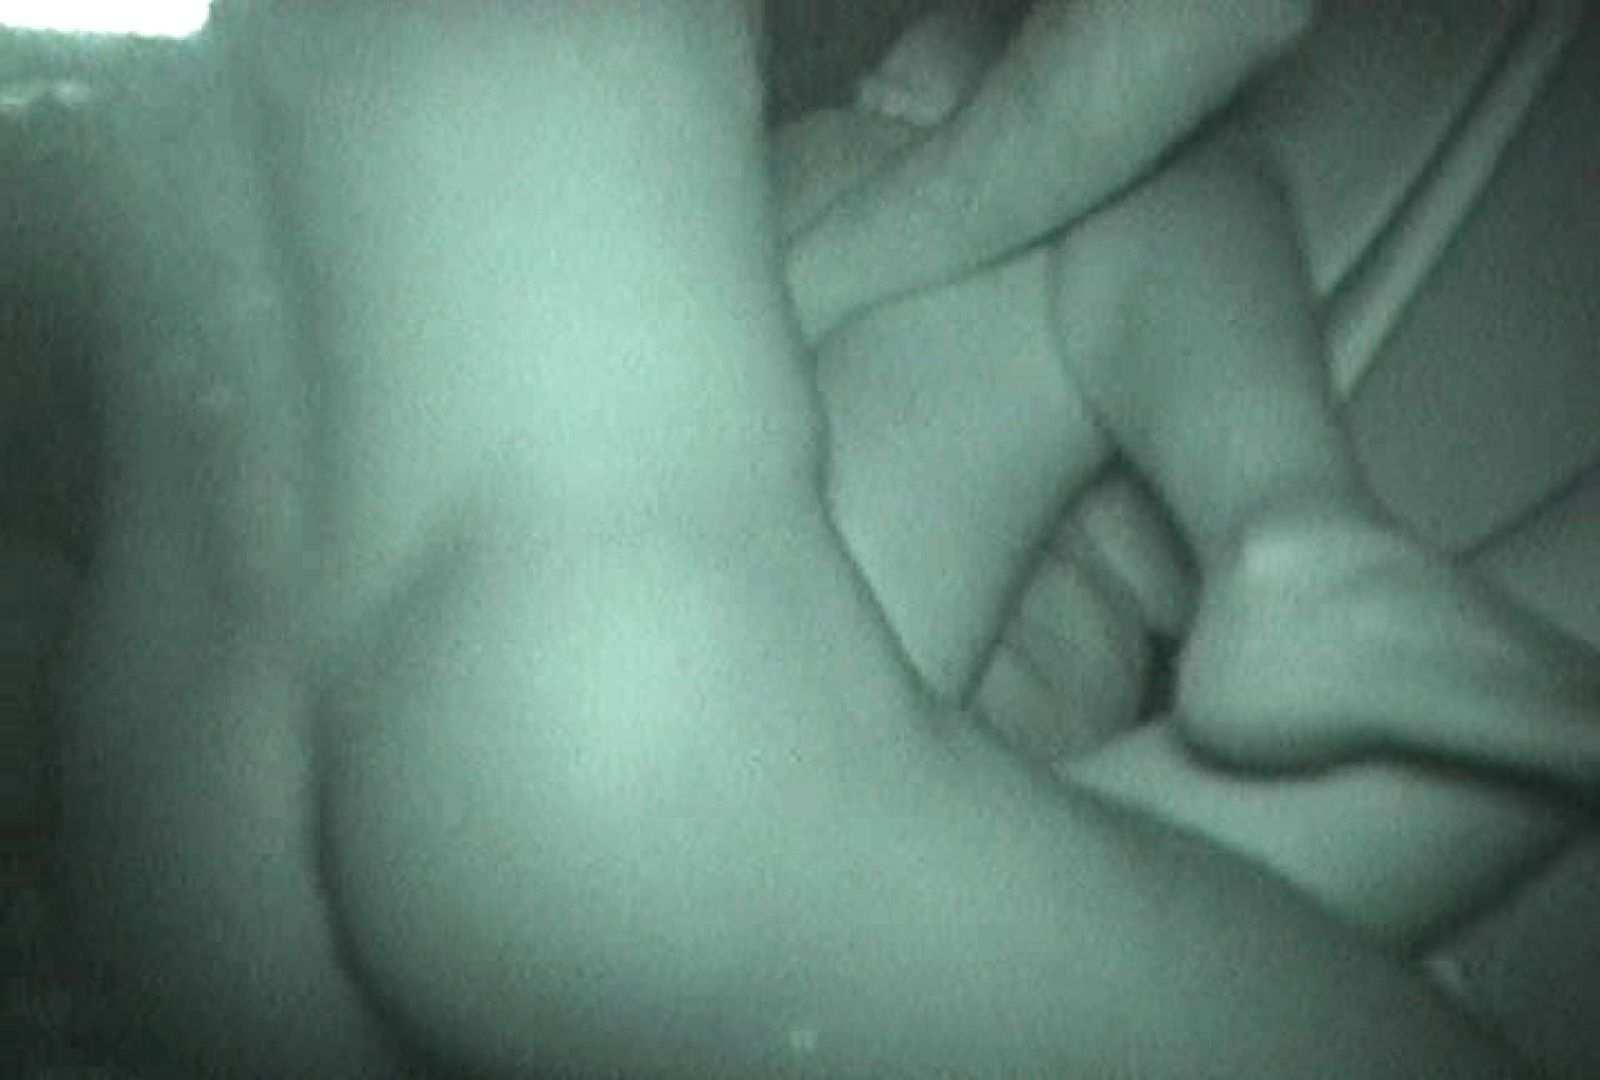 充血監督の深夜の運動会Vol.91 素人ギャル女 | 美女OL  88連発 58